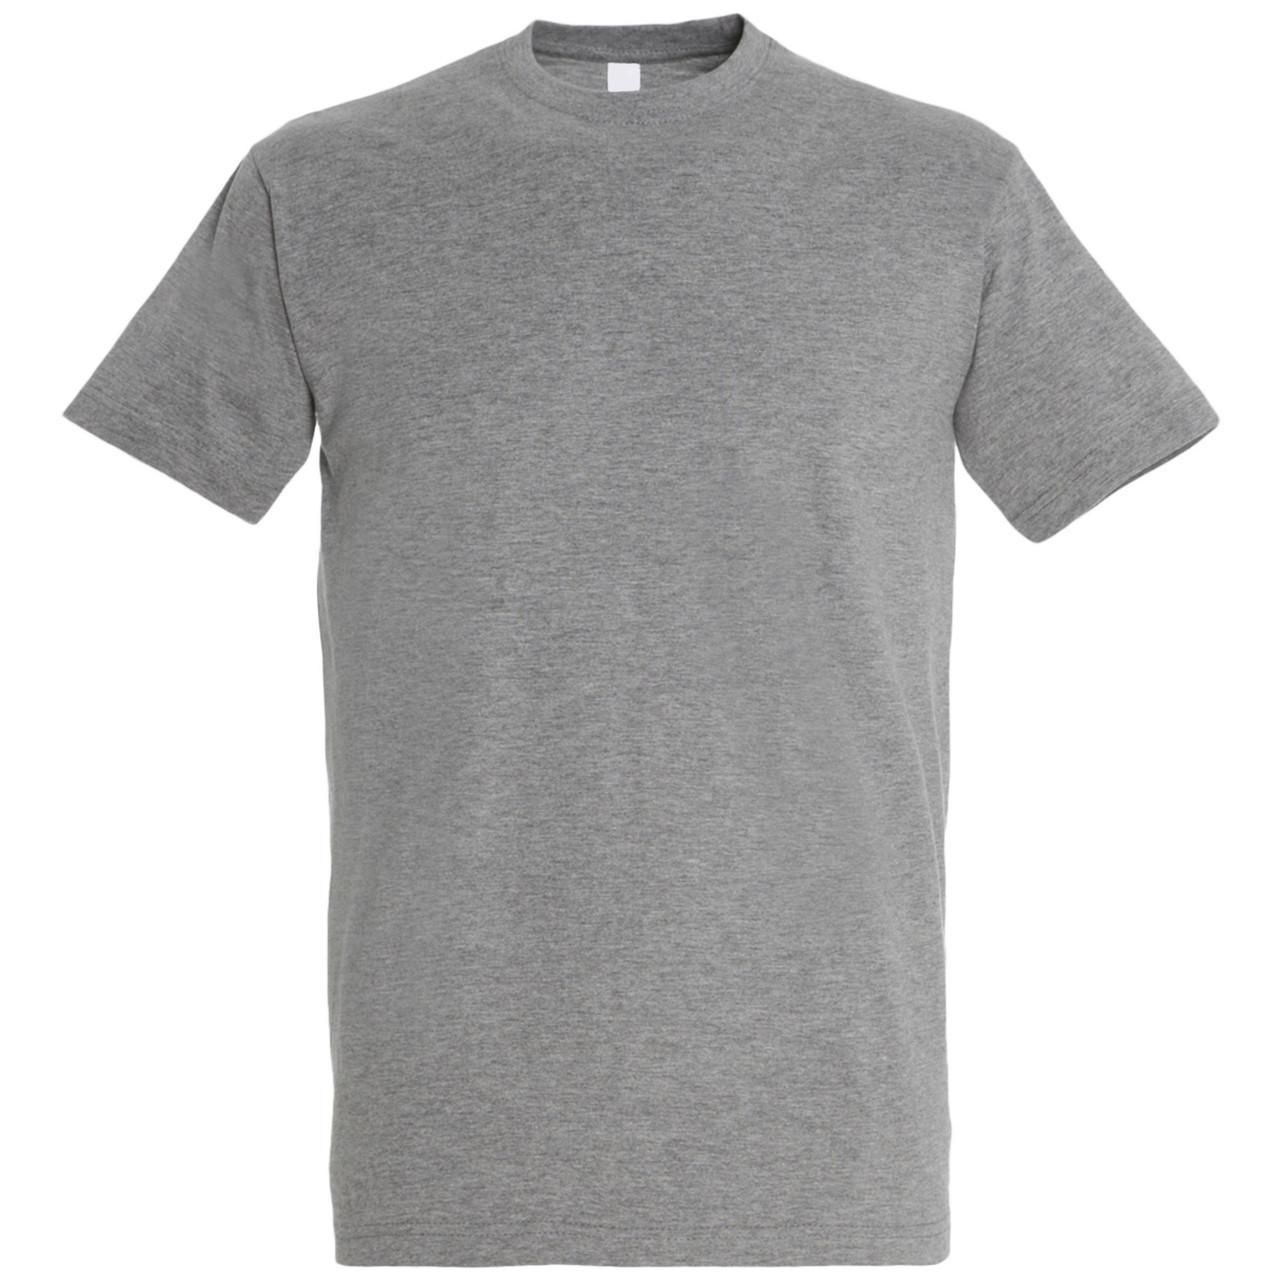 Oднотонная футболка | Серый меланж | 160 гр. | XL